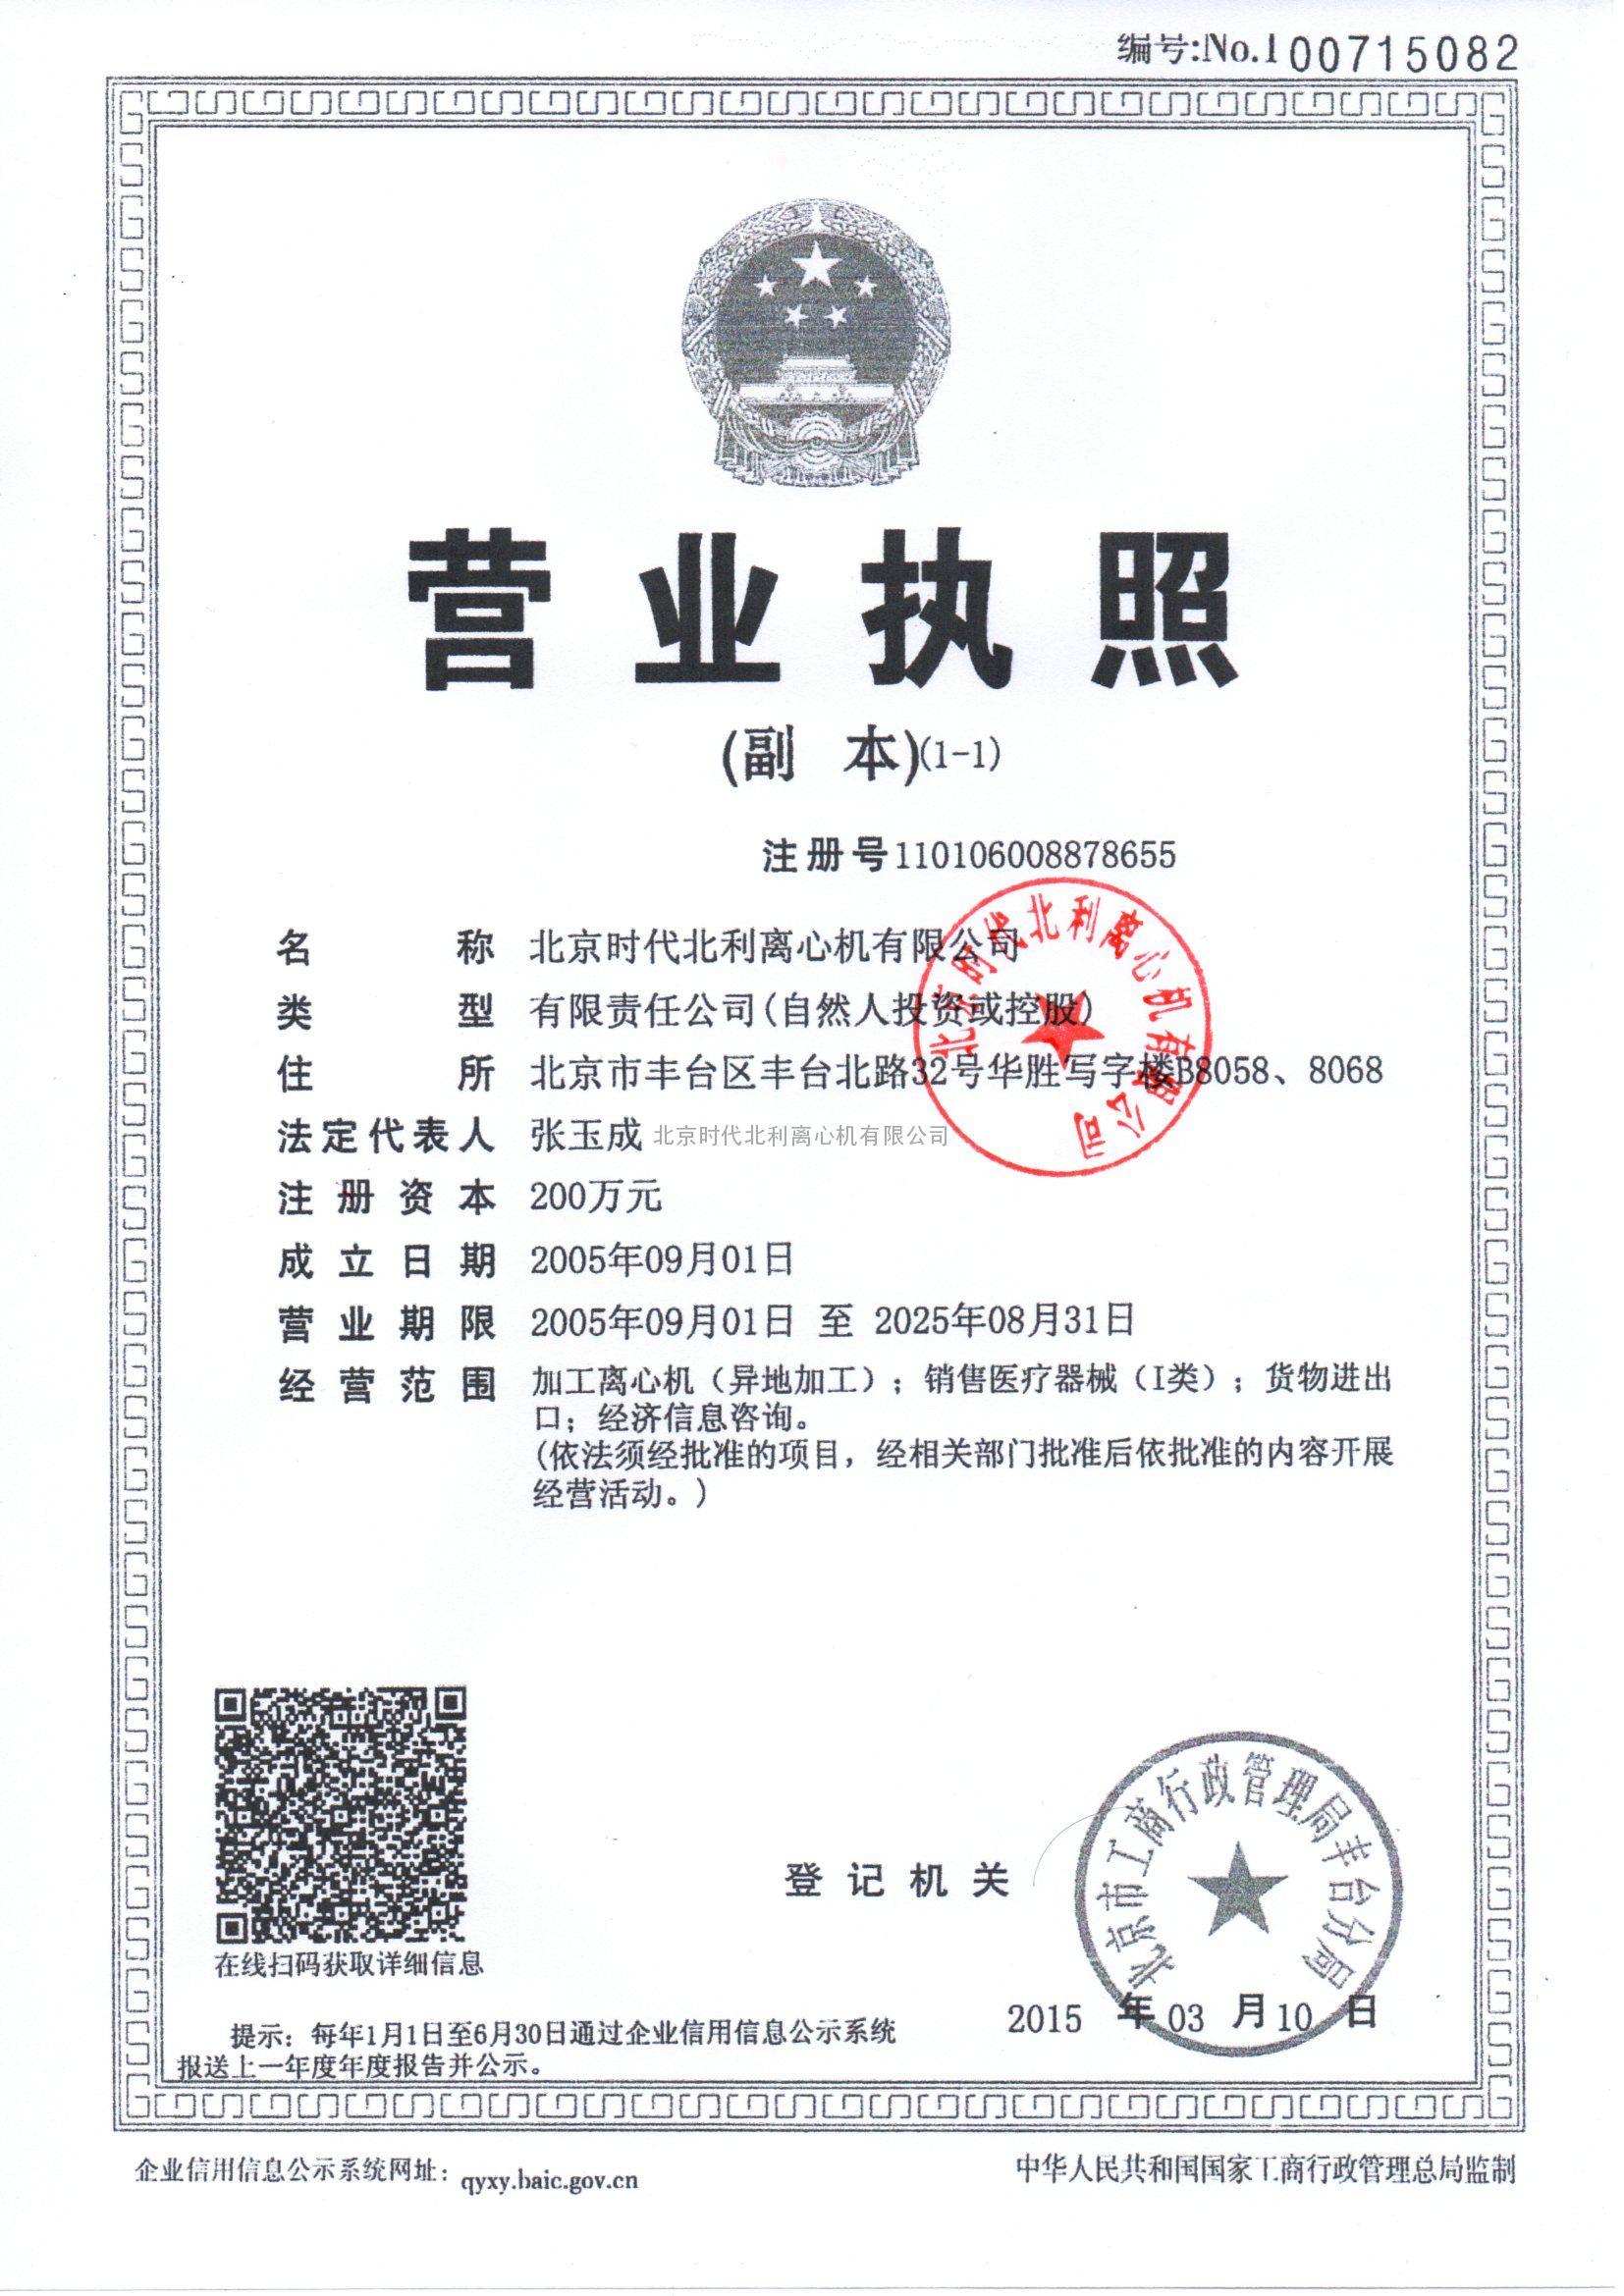 北京时代北利离心机有限公司